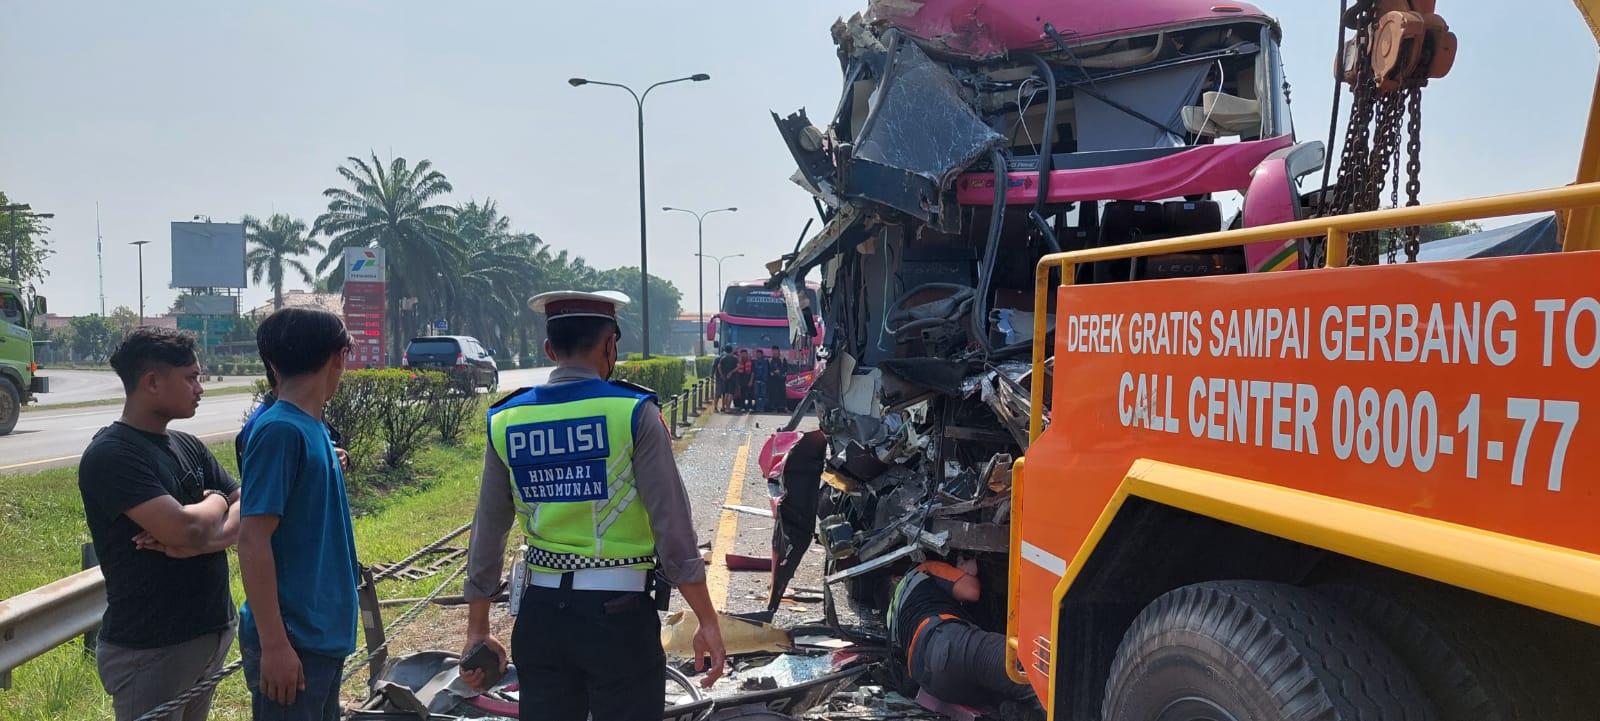 Penampakan Mengerikan saat Bus Pariwisata Komara Berisi Peziarah Kubur Tabrakan Beruntun di KM 69 Tol Tangerang – Merak